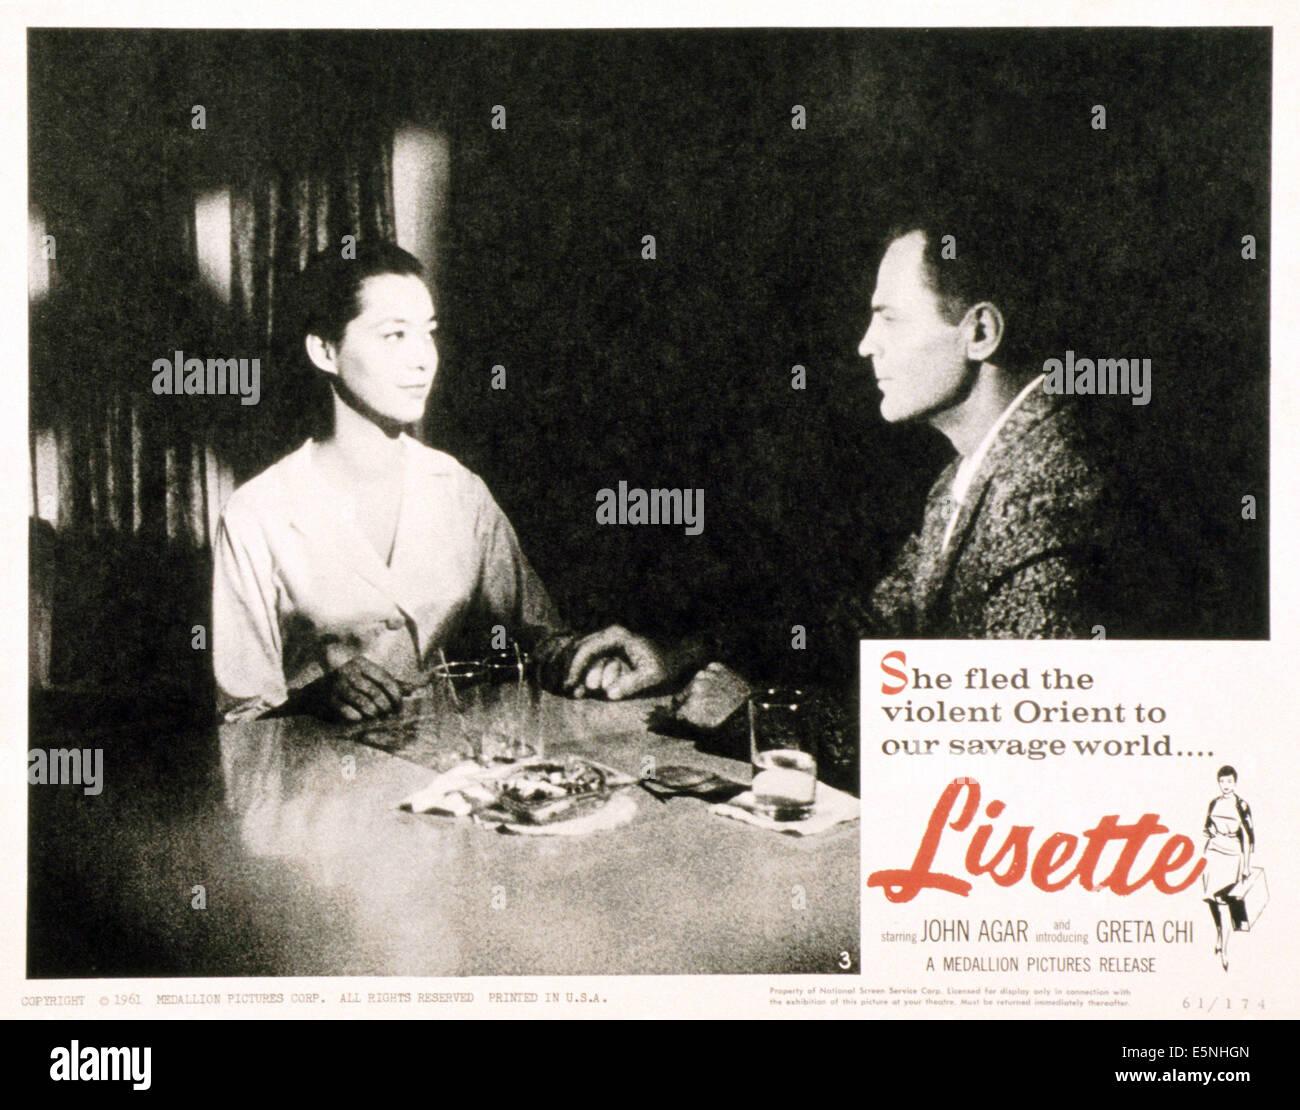 LISETTE, (aka FALL GIRL), from left: Greta Chi, John Agar, 1961 - Stock Image